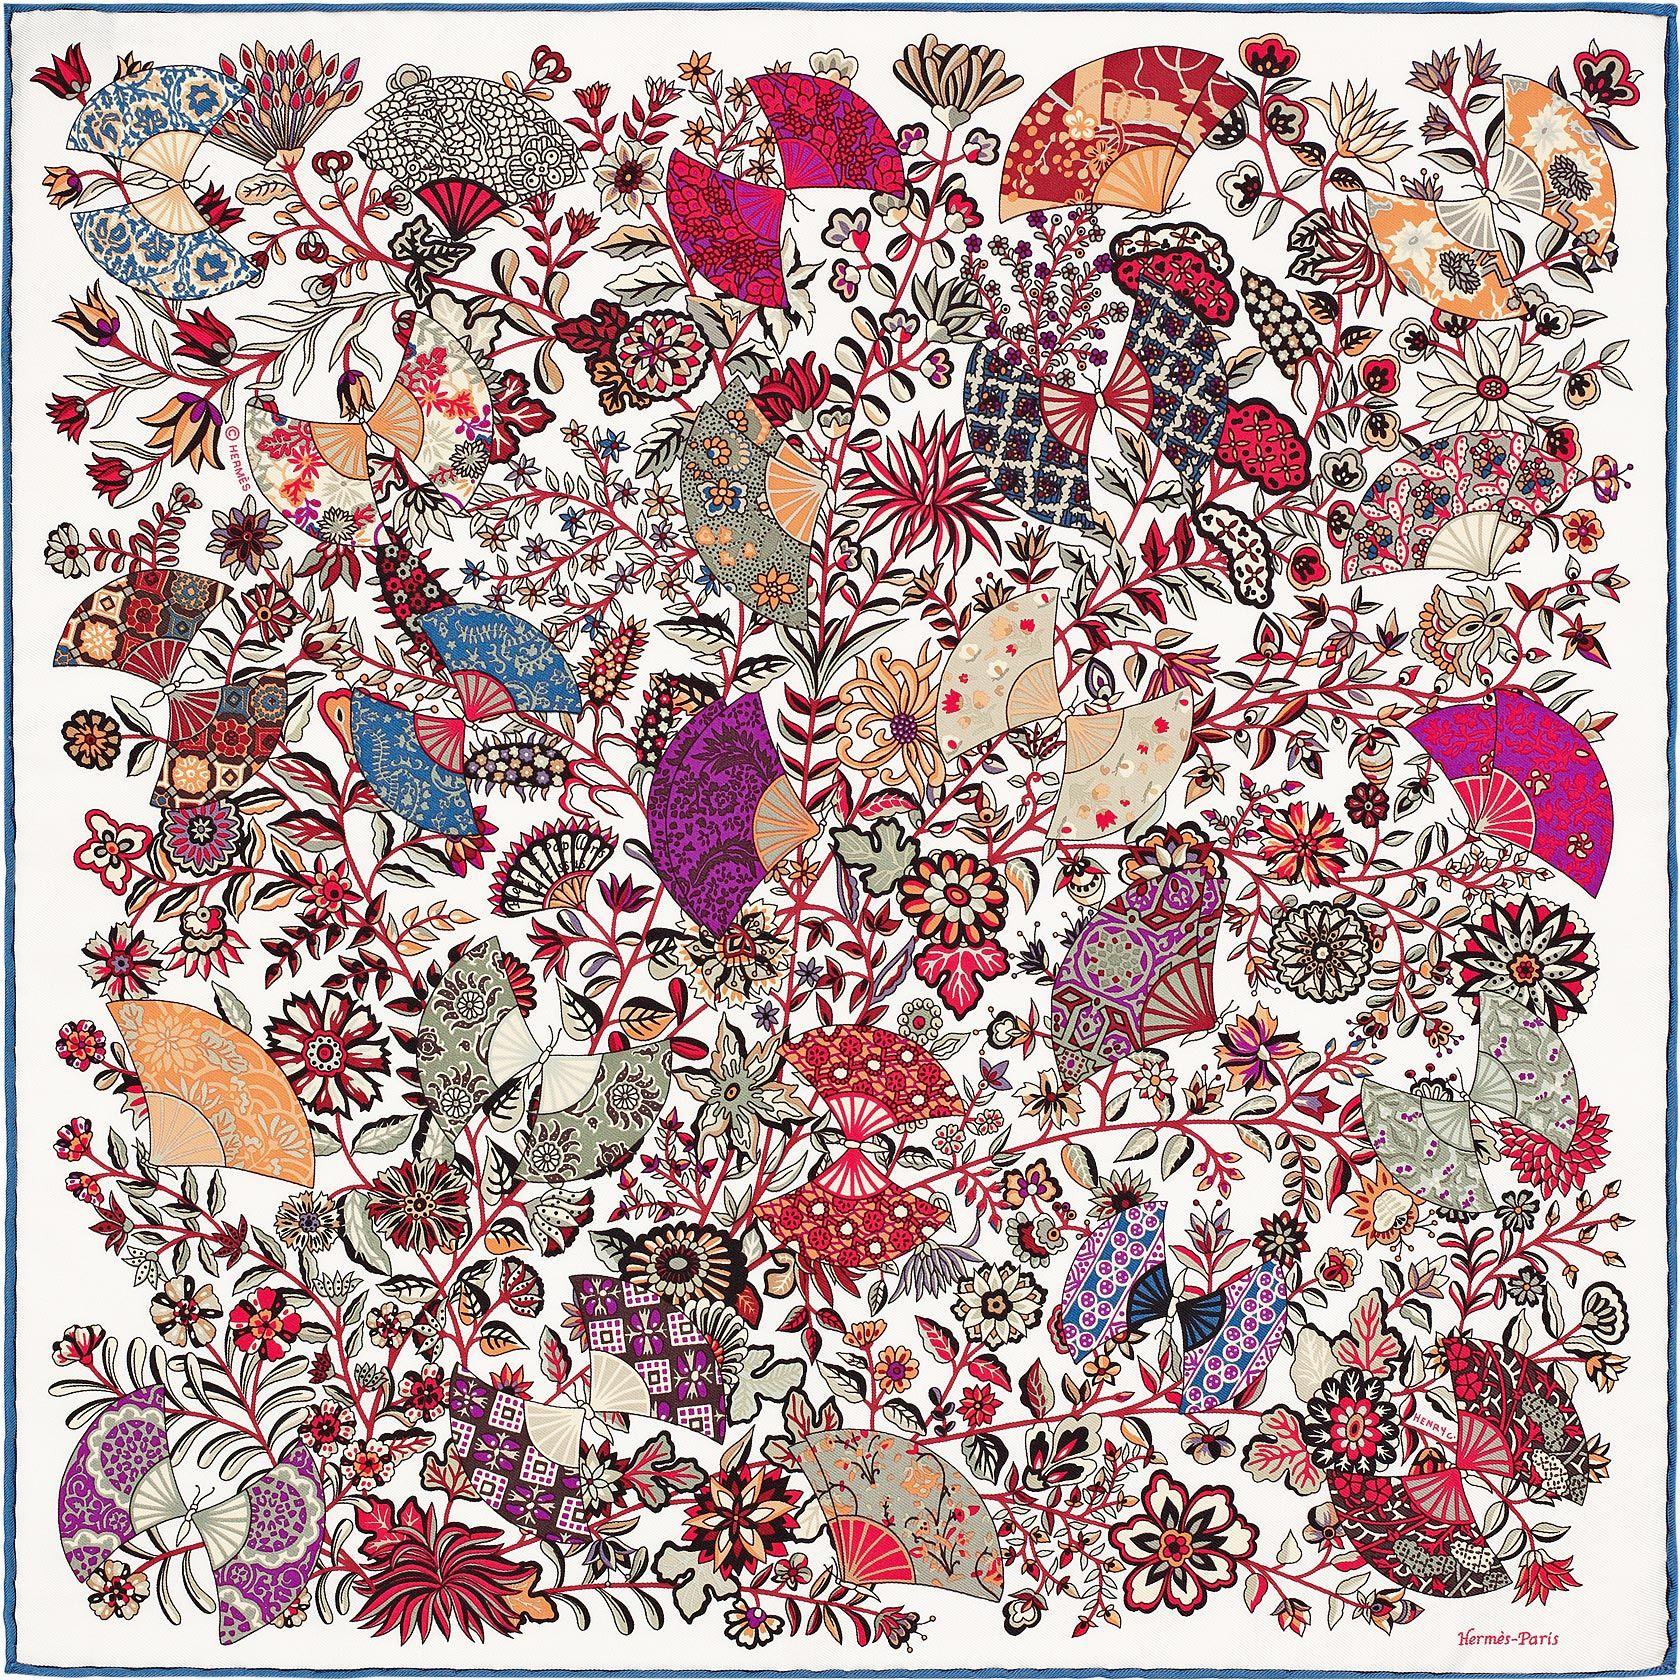 """16""""x16"""" pocket square Hermès   Fleurs et Papillons de Tissus. Hermès -  Fleurs et Papillons de Tissus by Christine Henry - Gavroche en twill de soie 1acc5c693f6"""